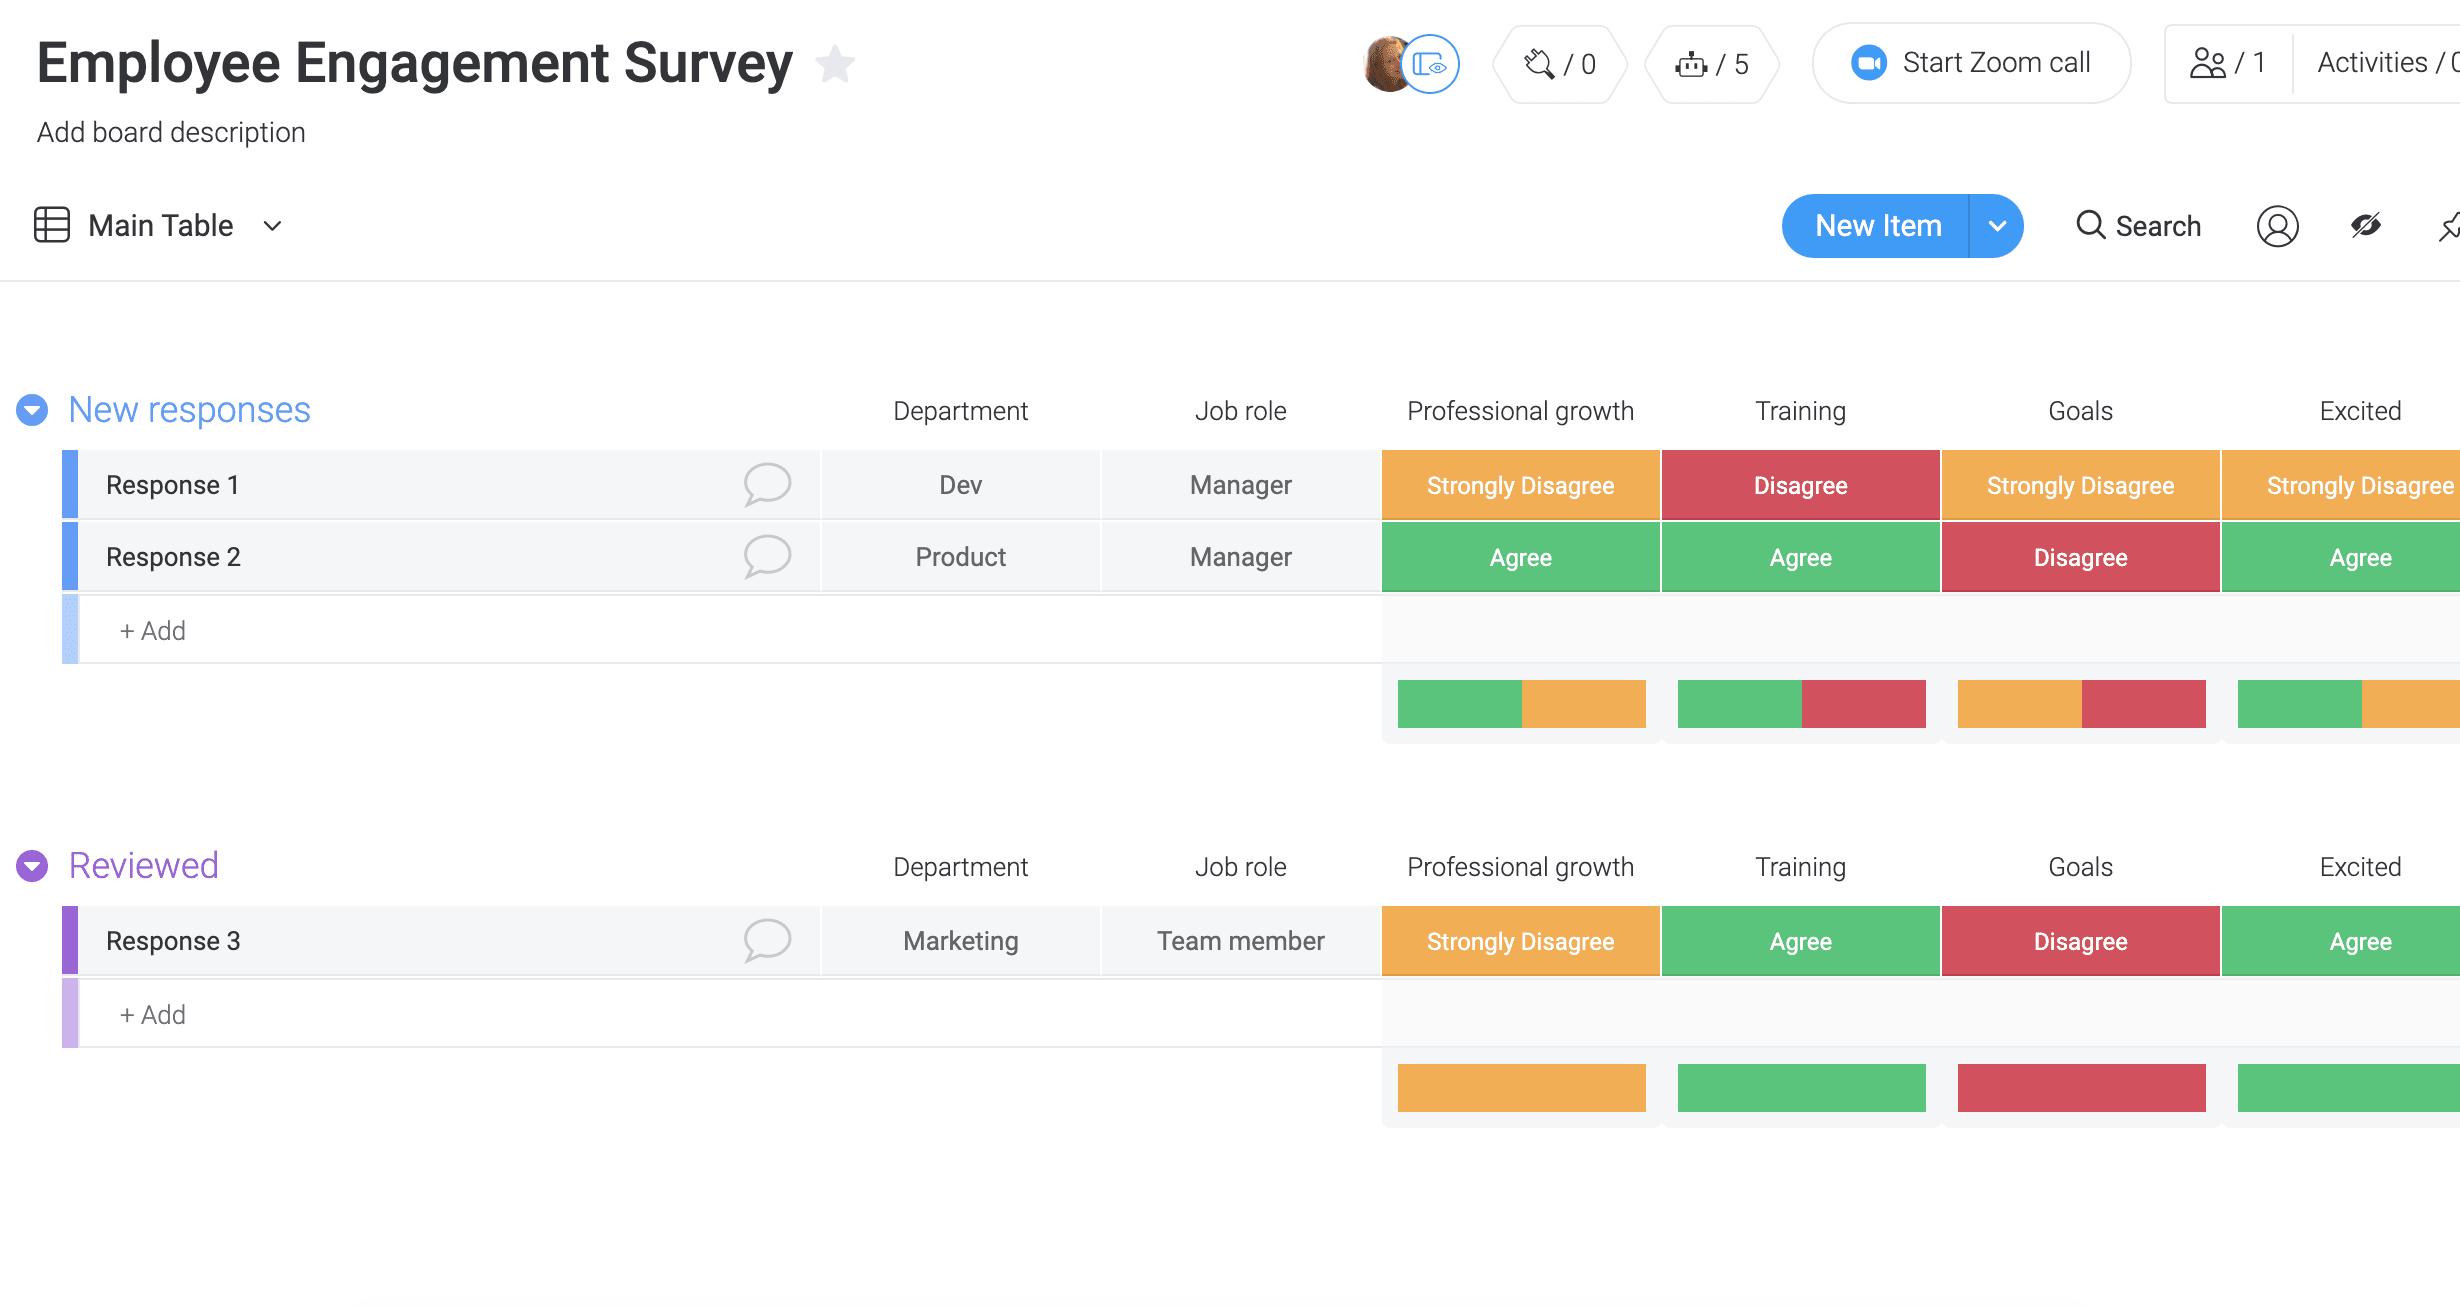 Employee Engagement Survey 2020 07 28 12 50 08